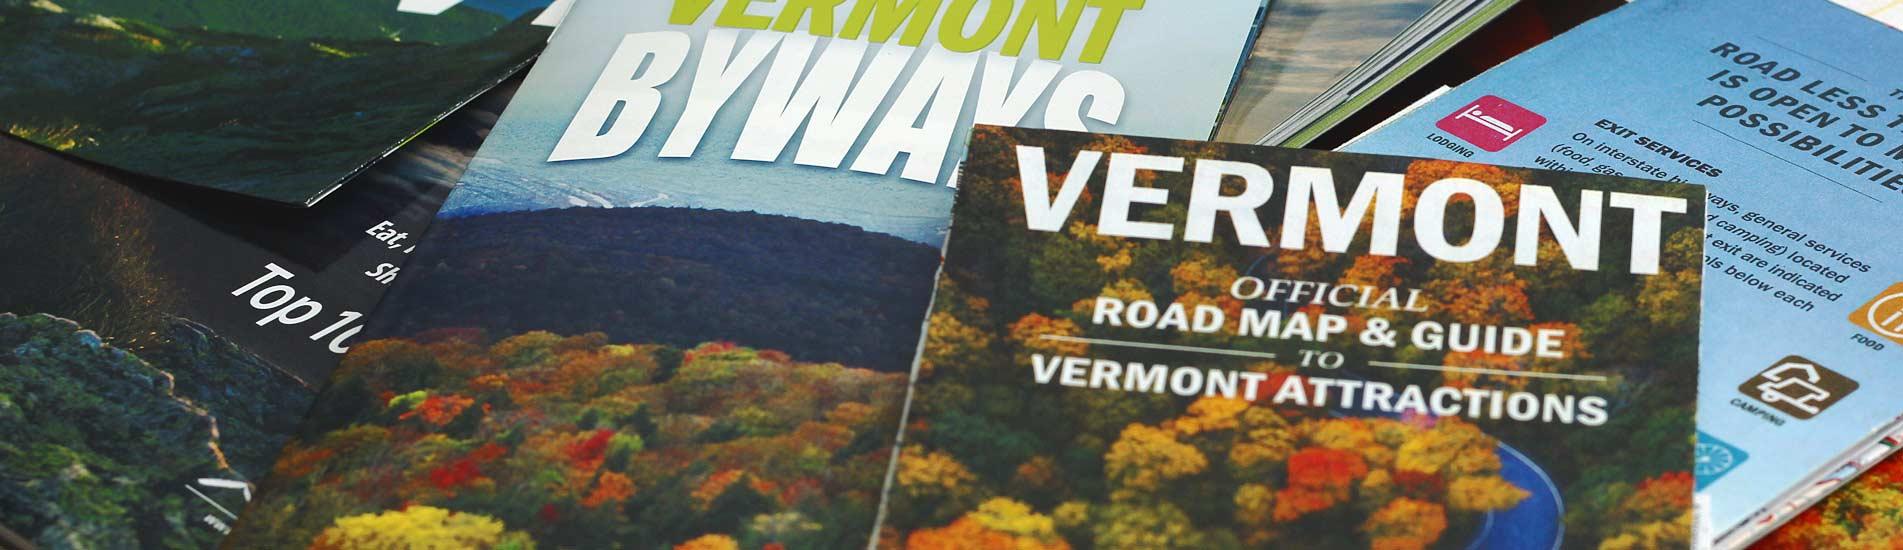 Travel Vermont - Request For Information   VermontVacation